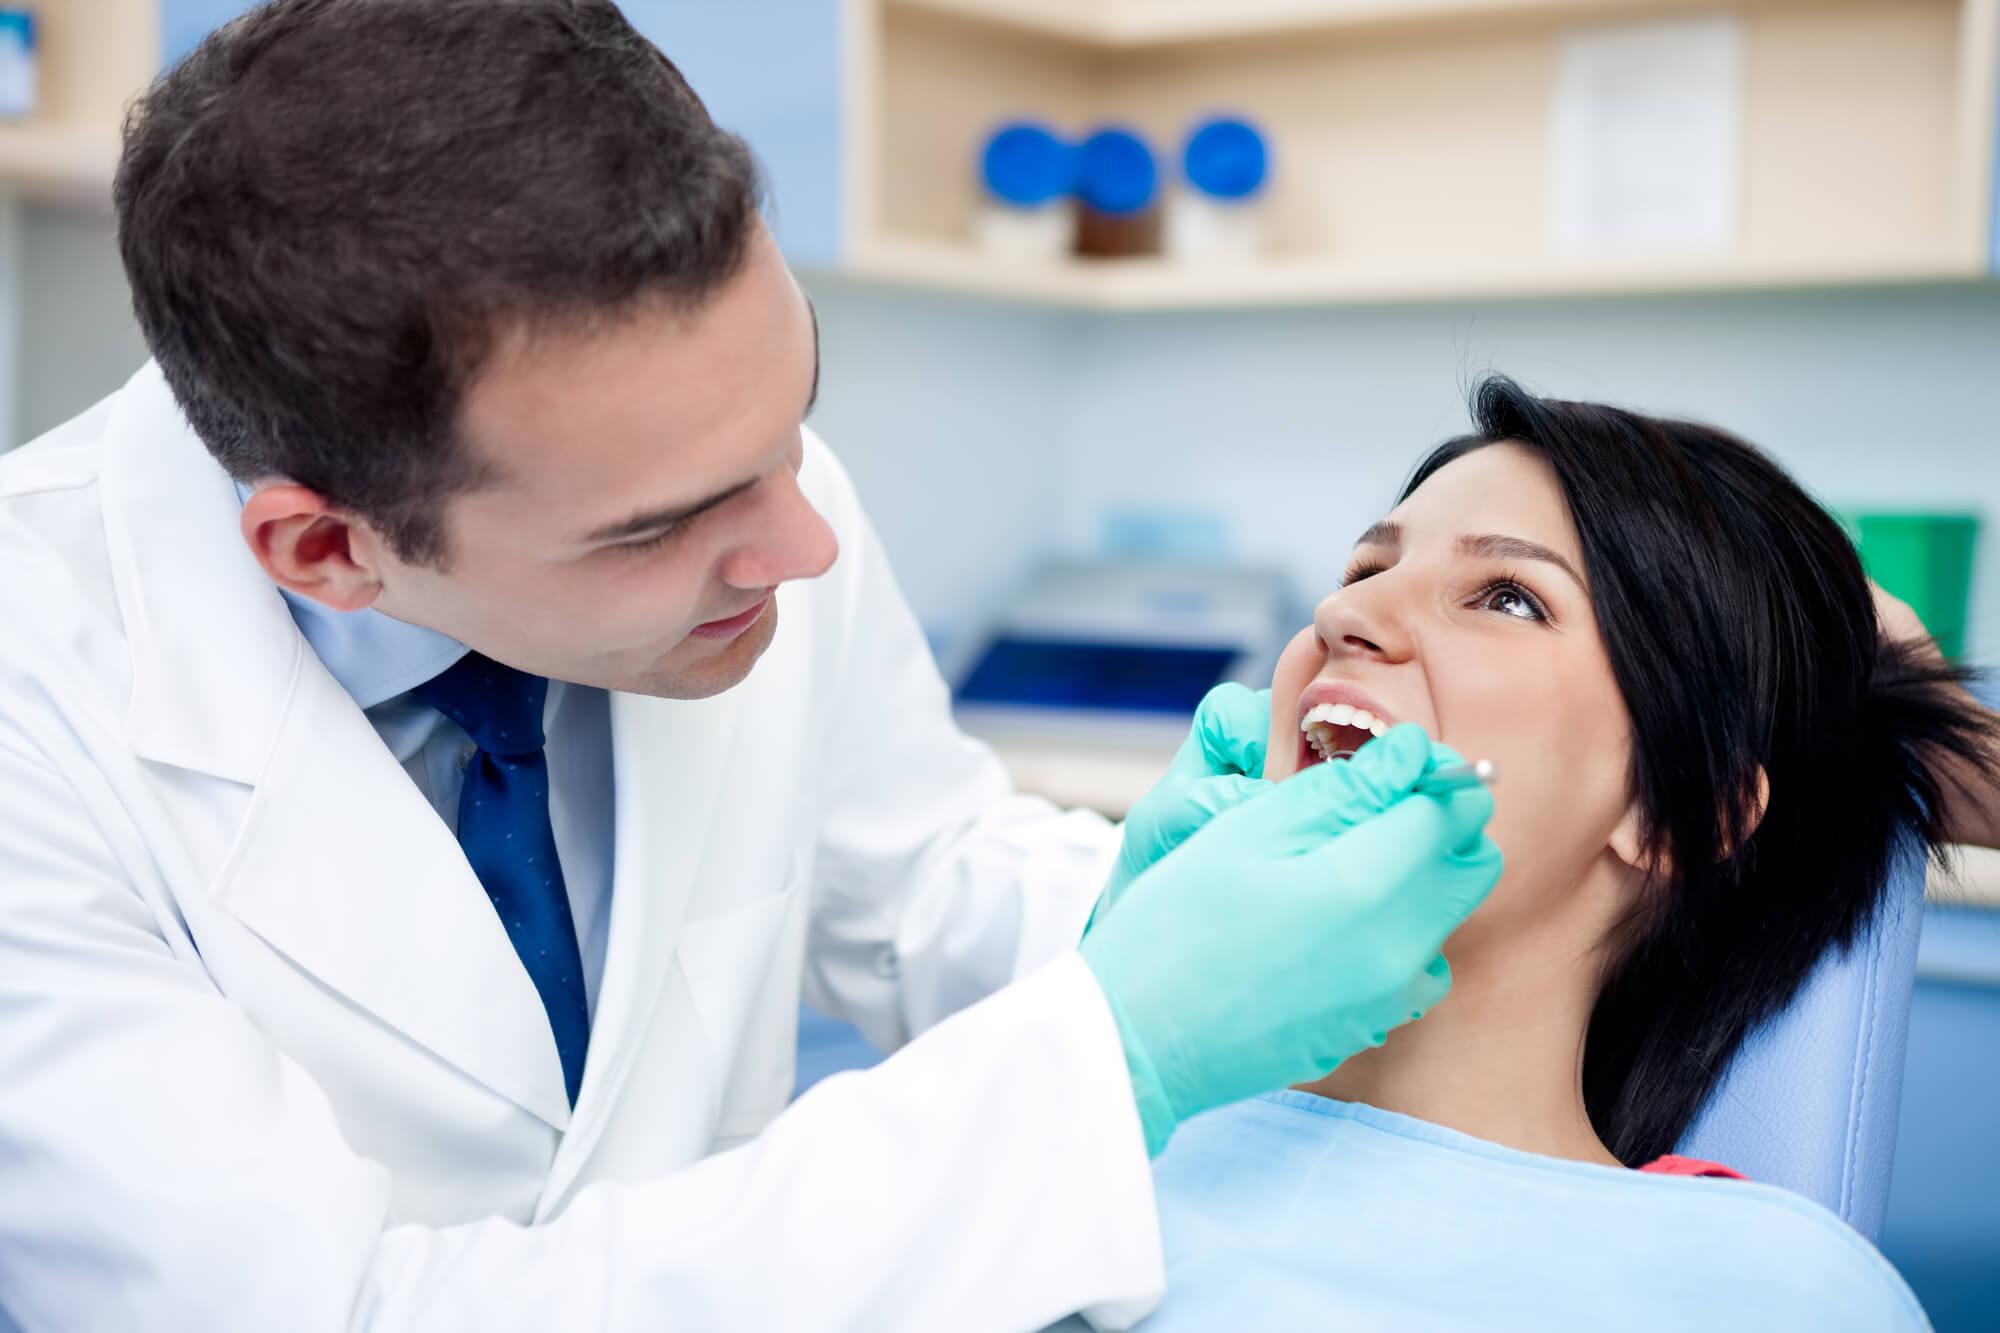 where are the best dental sealants boynton beach?